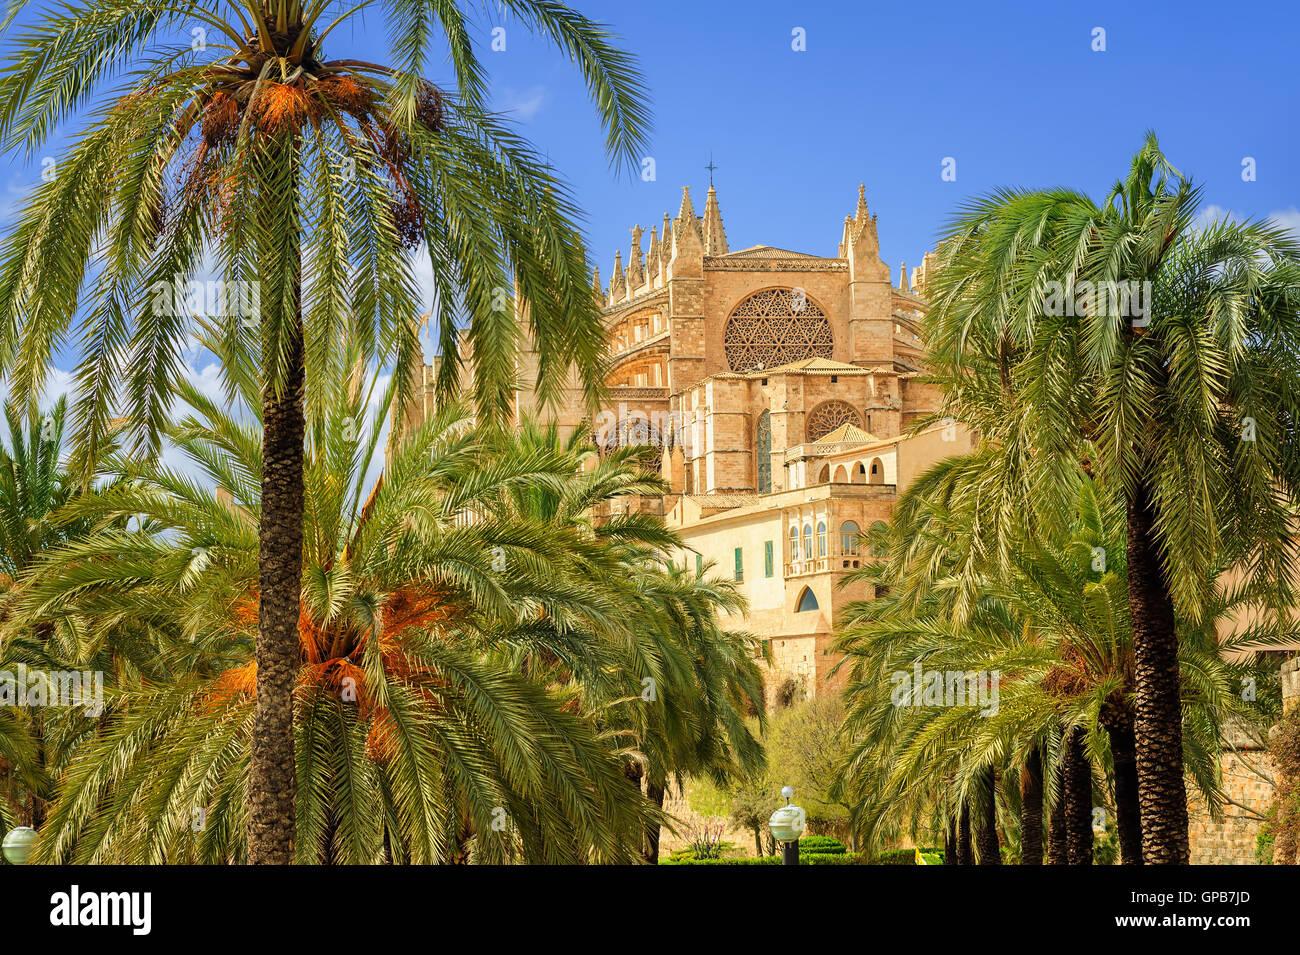 La Seu, la catedral gótica medieval de Palma de Mallorca, en el jardín de palmeras, España Imagen De Stock